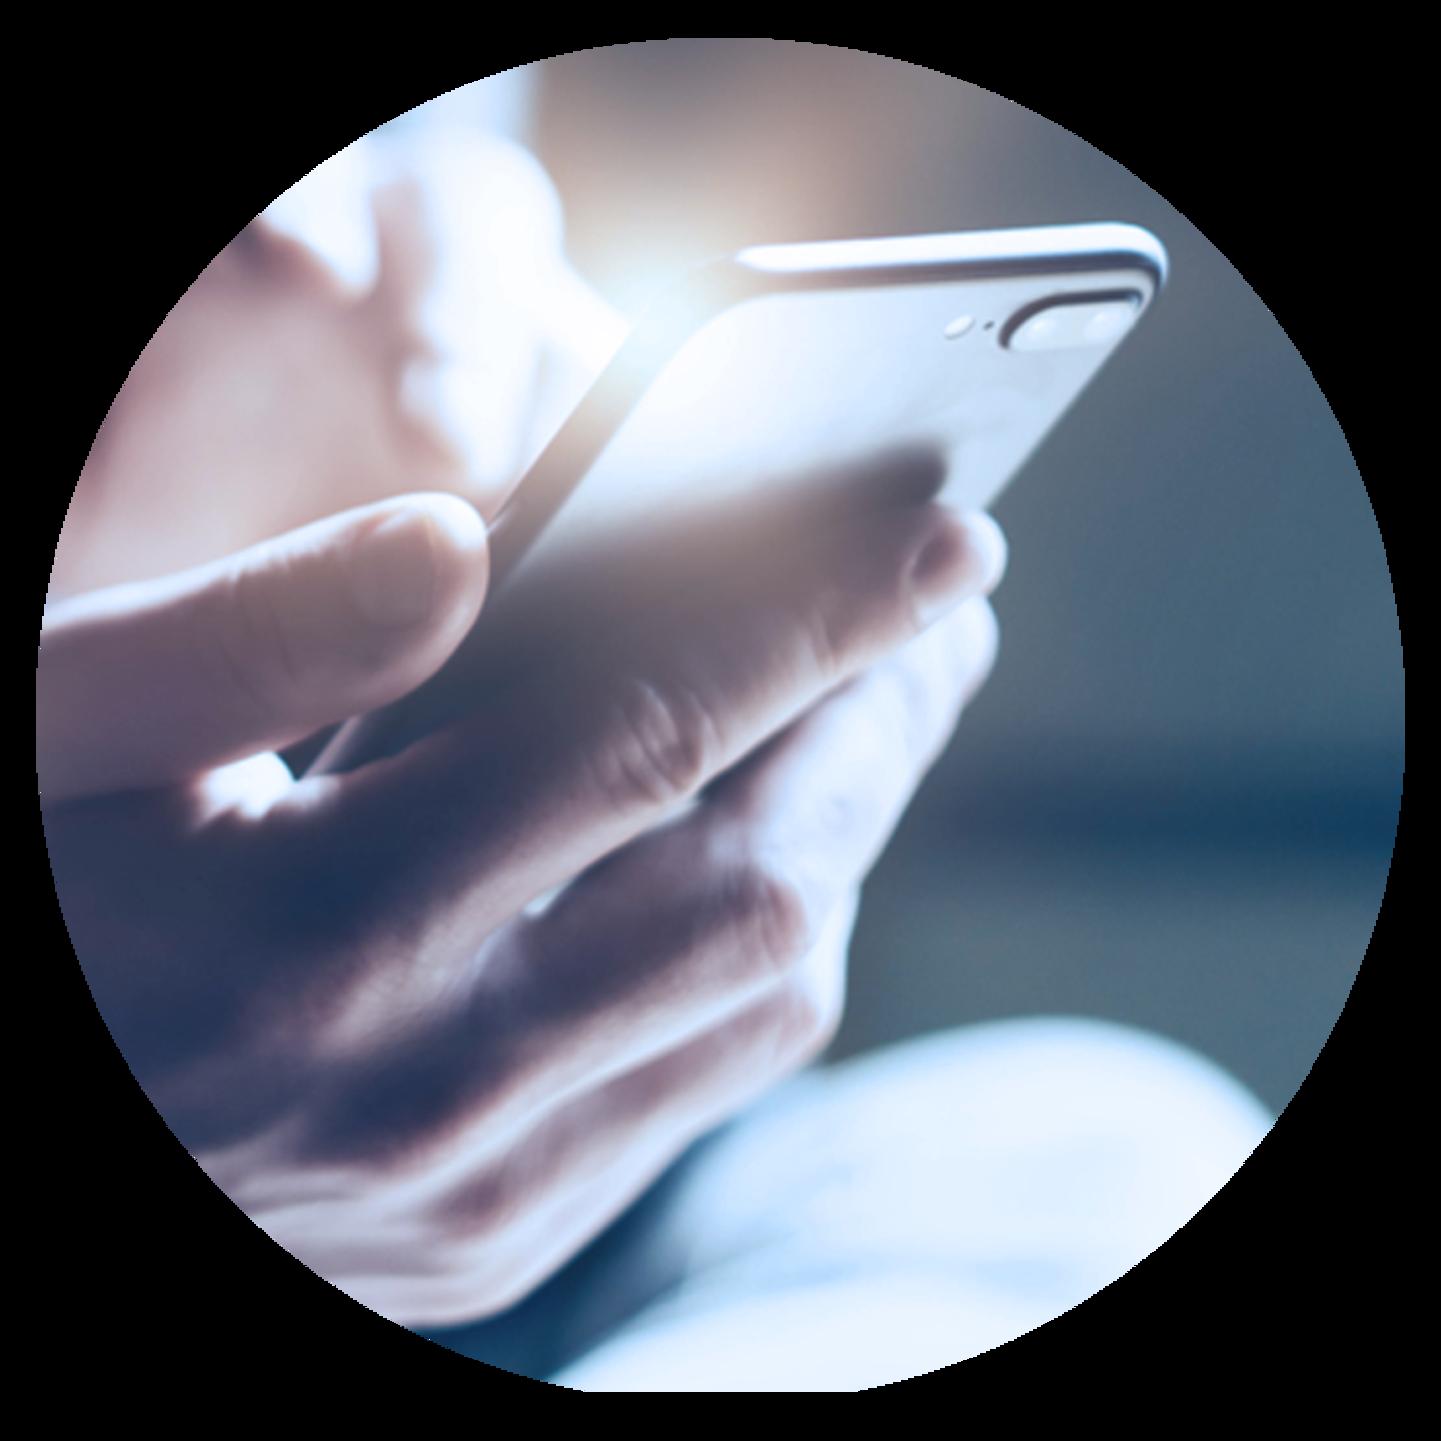 Von überall Zugriff auf Ihre Daten? - Entdecken Sie Remote Access »